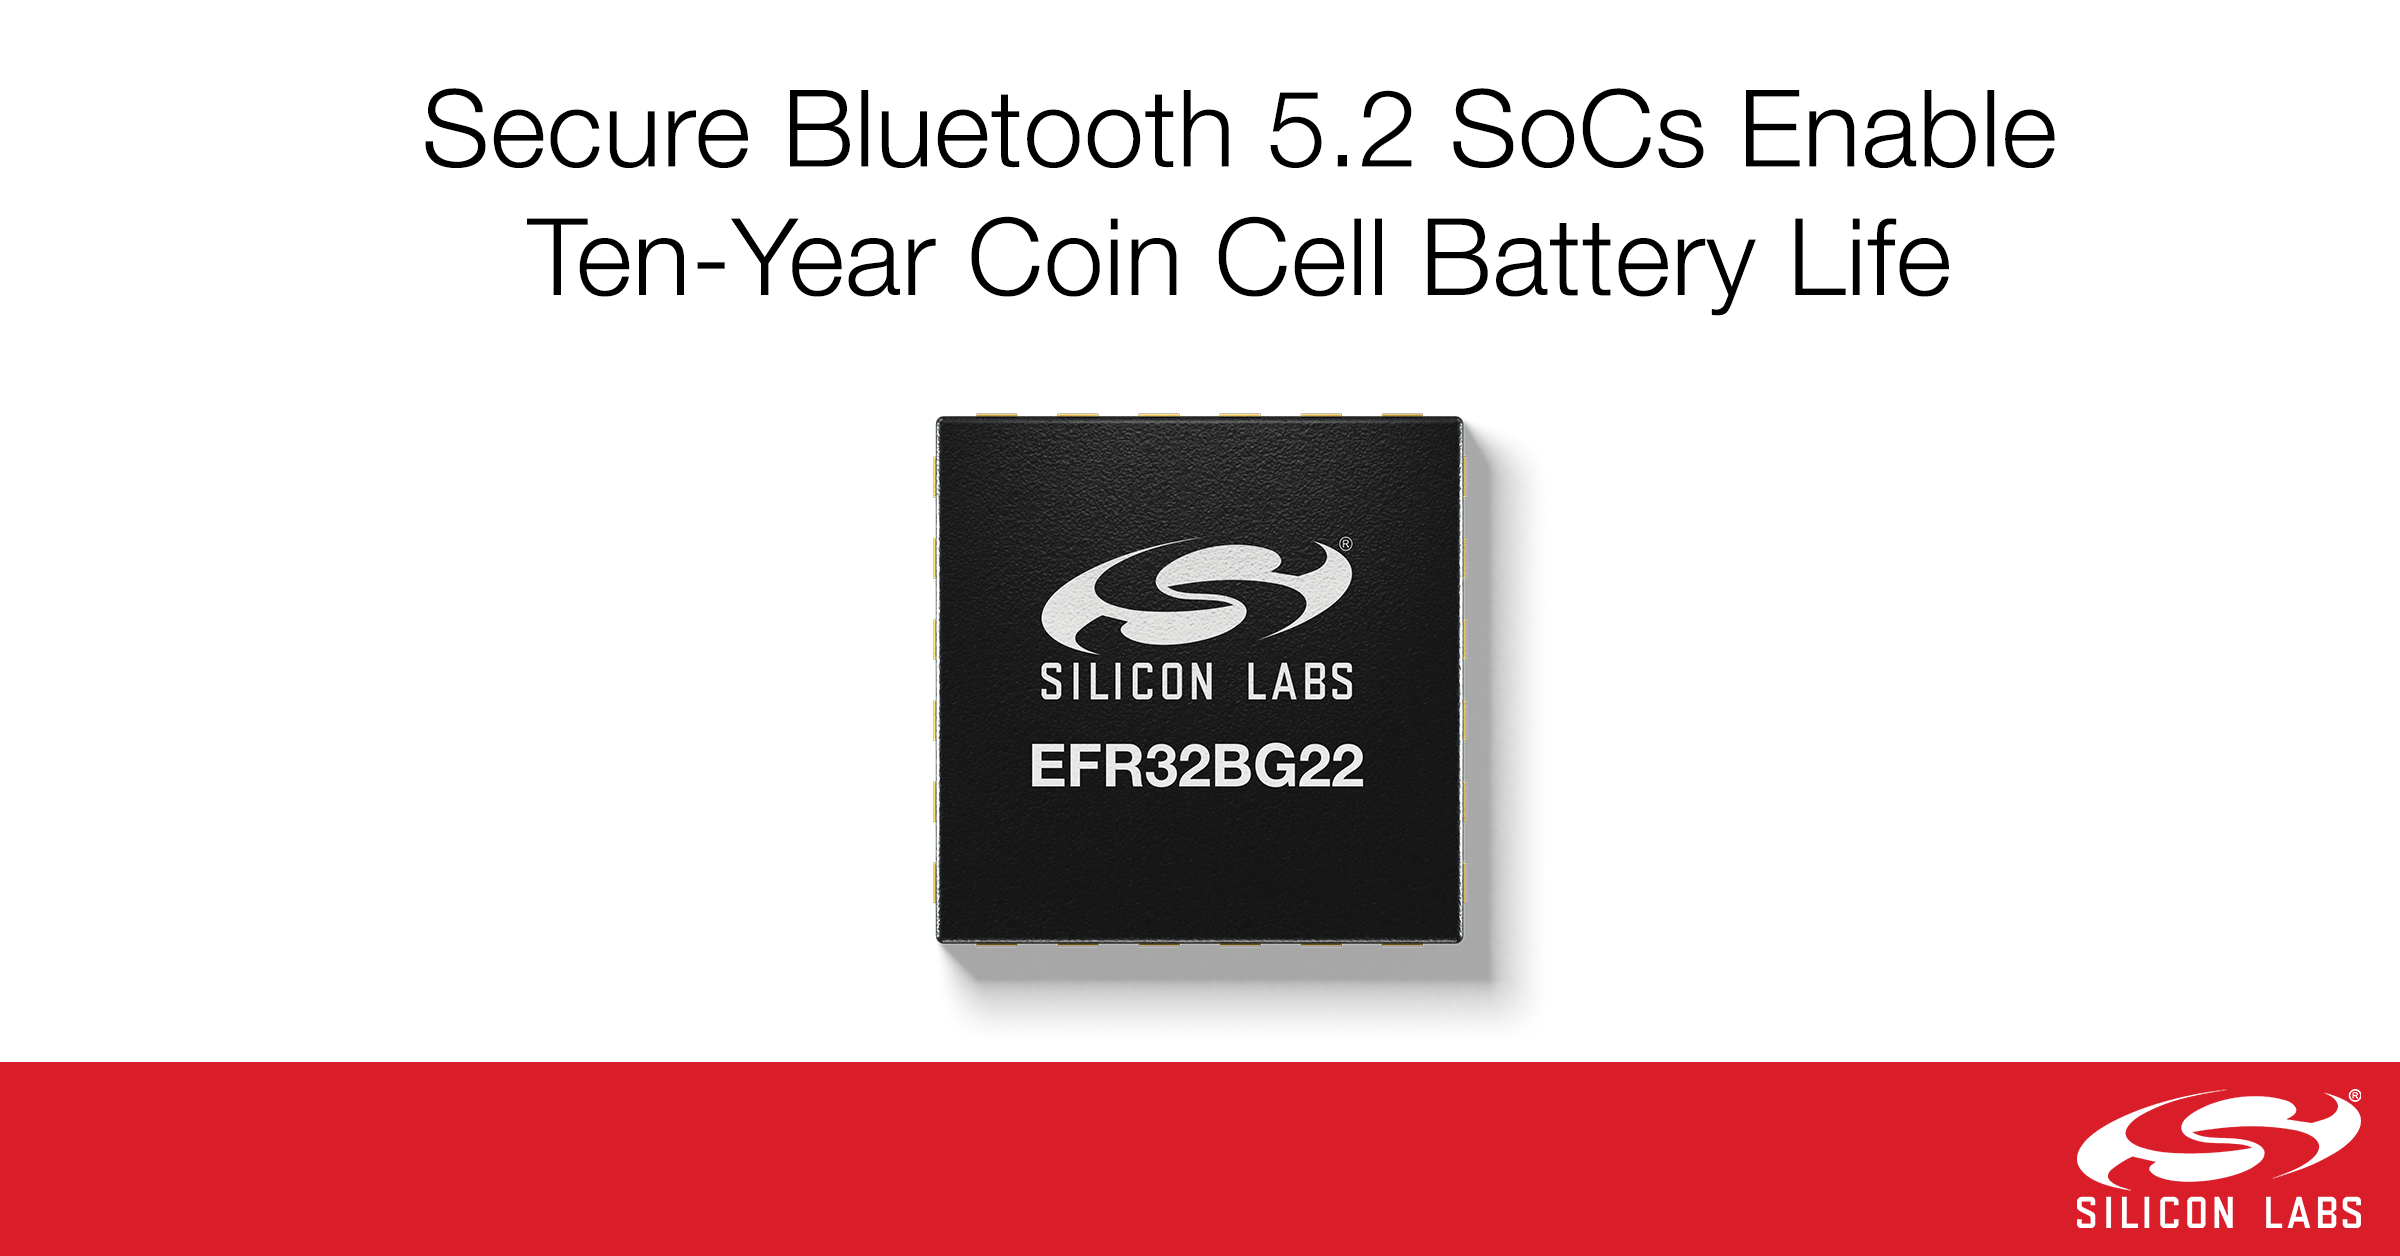 新型安全蓝牙5.2 SoC助力纽扣电池供电产品工作可达十年